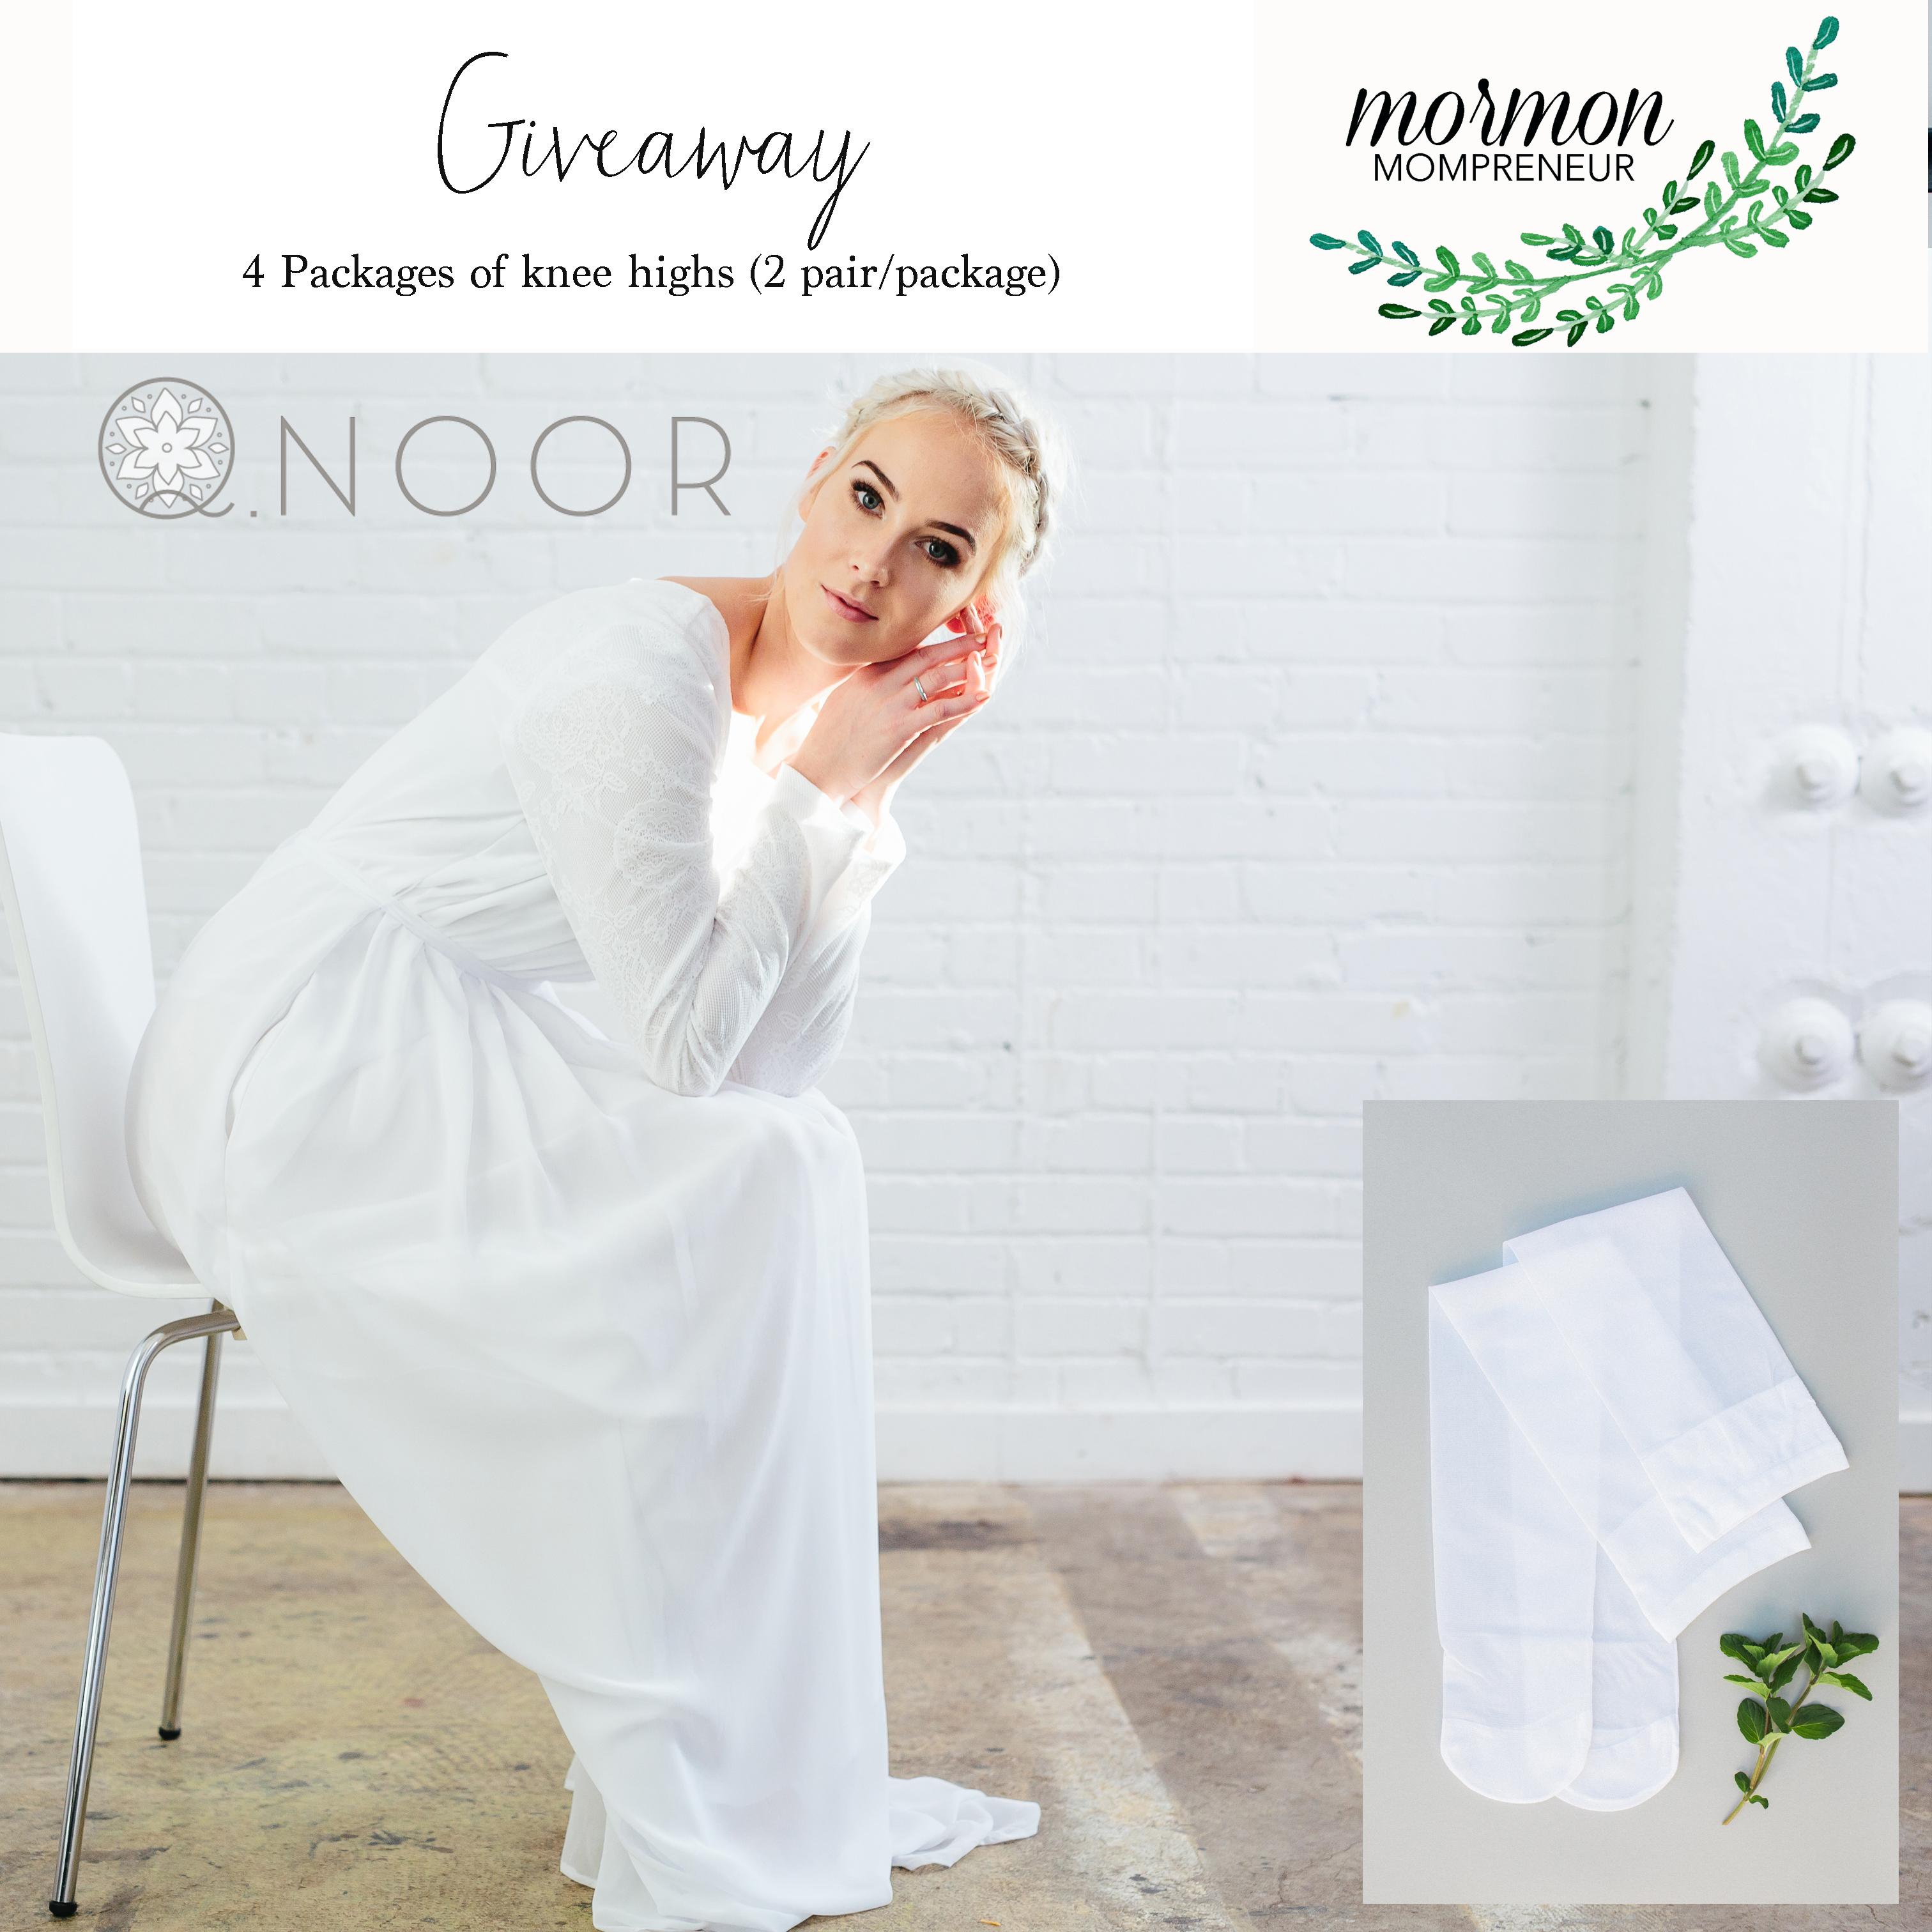 mm-qnoor-giveaway-graphic-copy